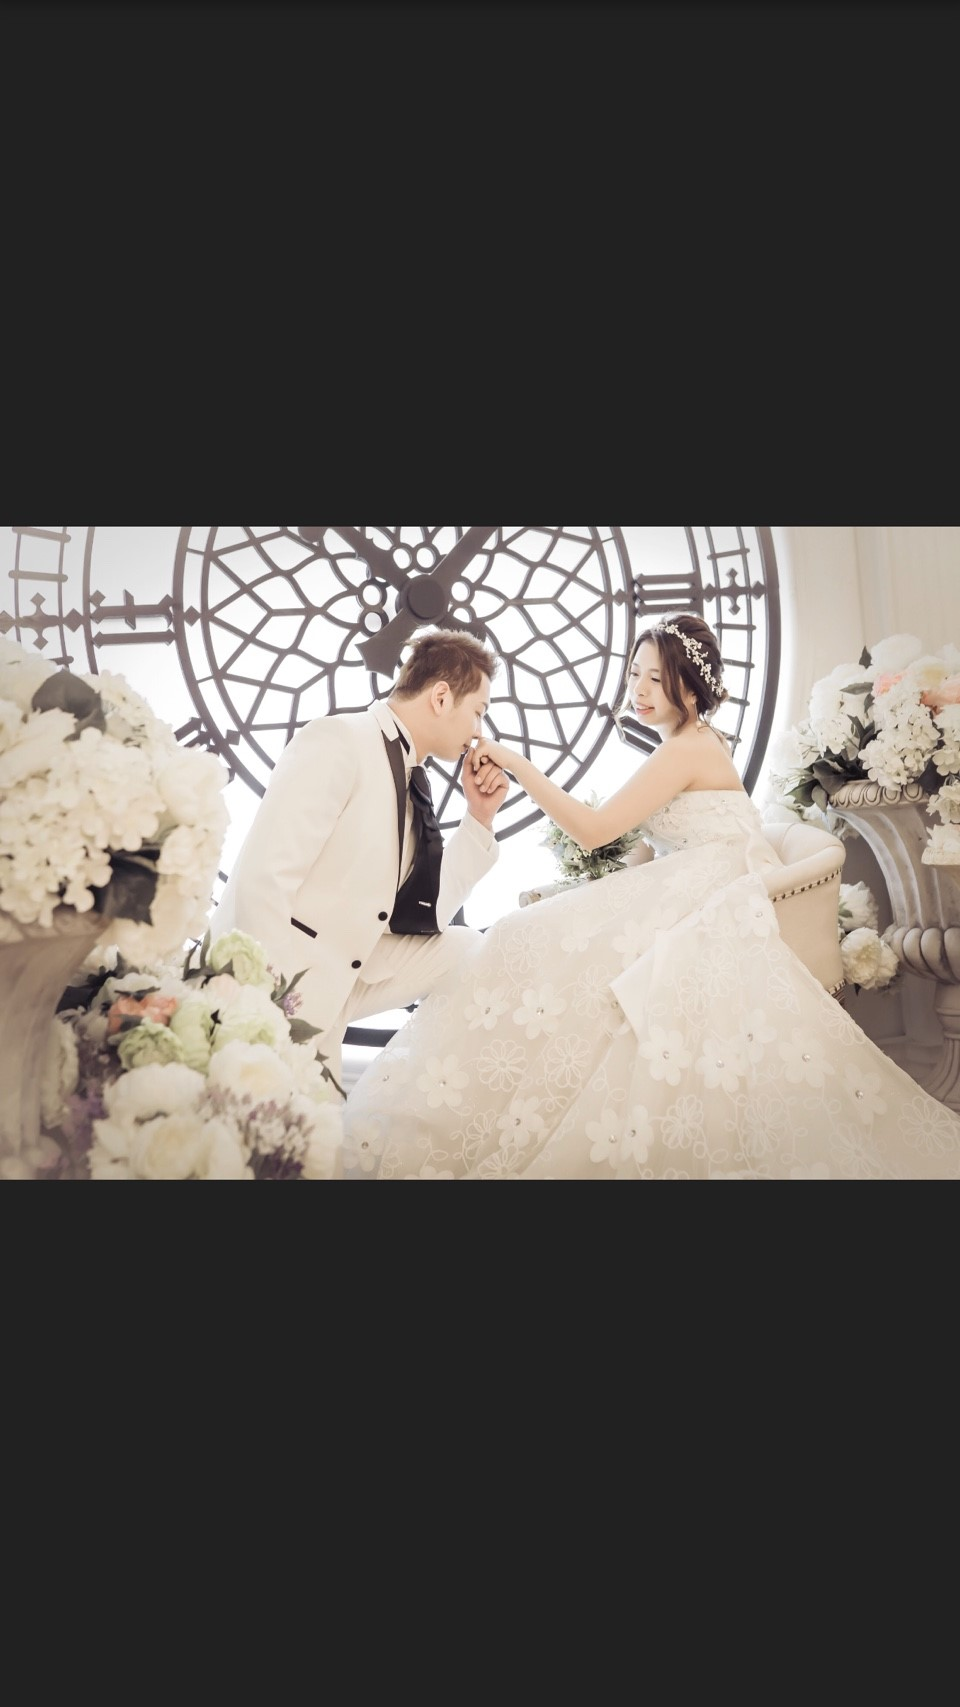 WH-為您好事韓風婚紗,極力推薦~為您好事韓風婚紗